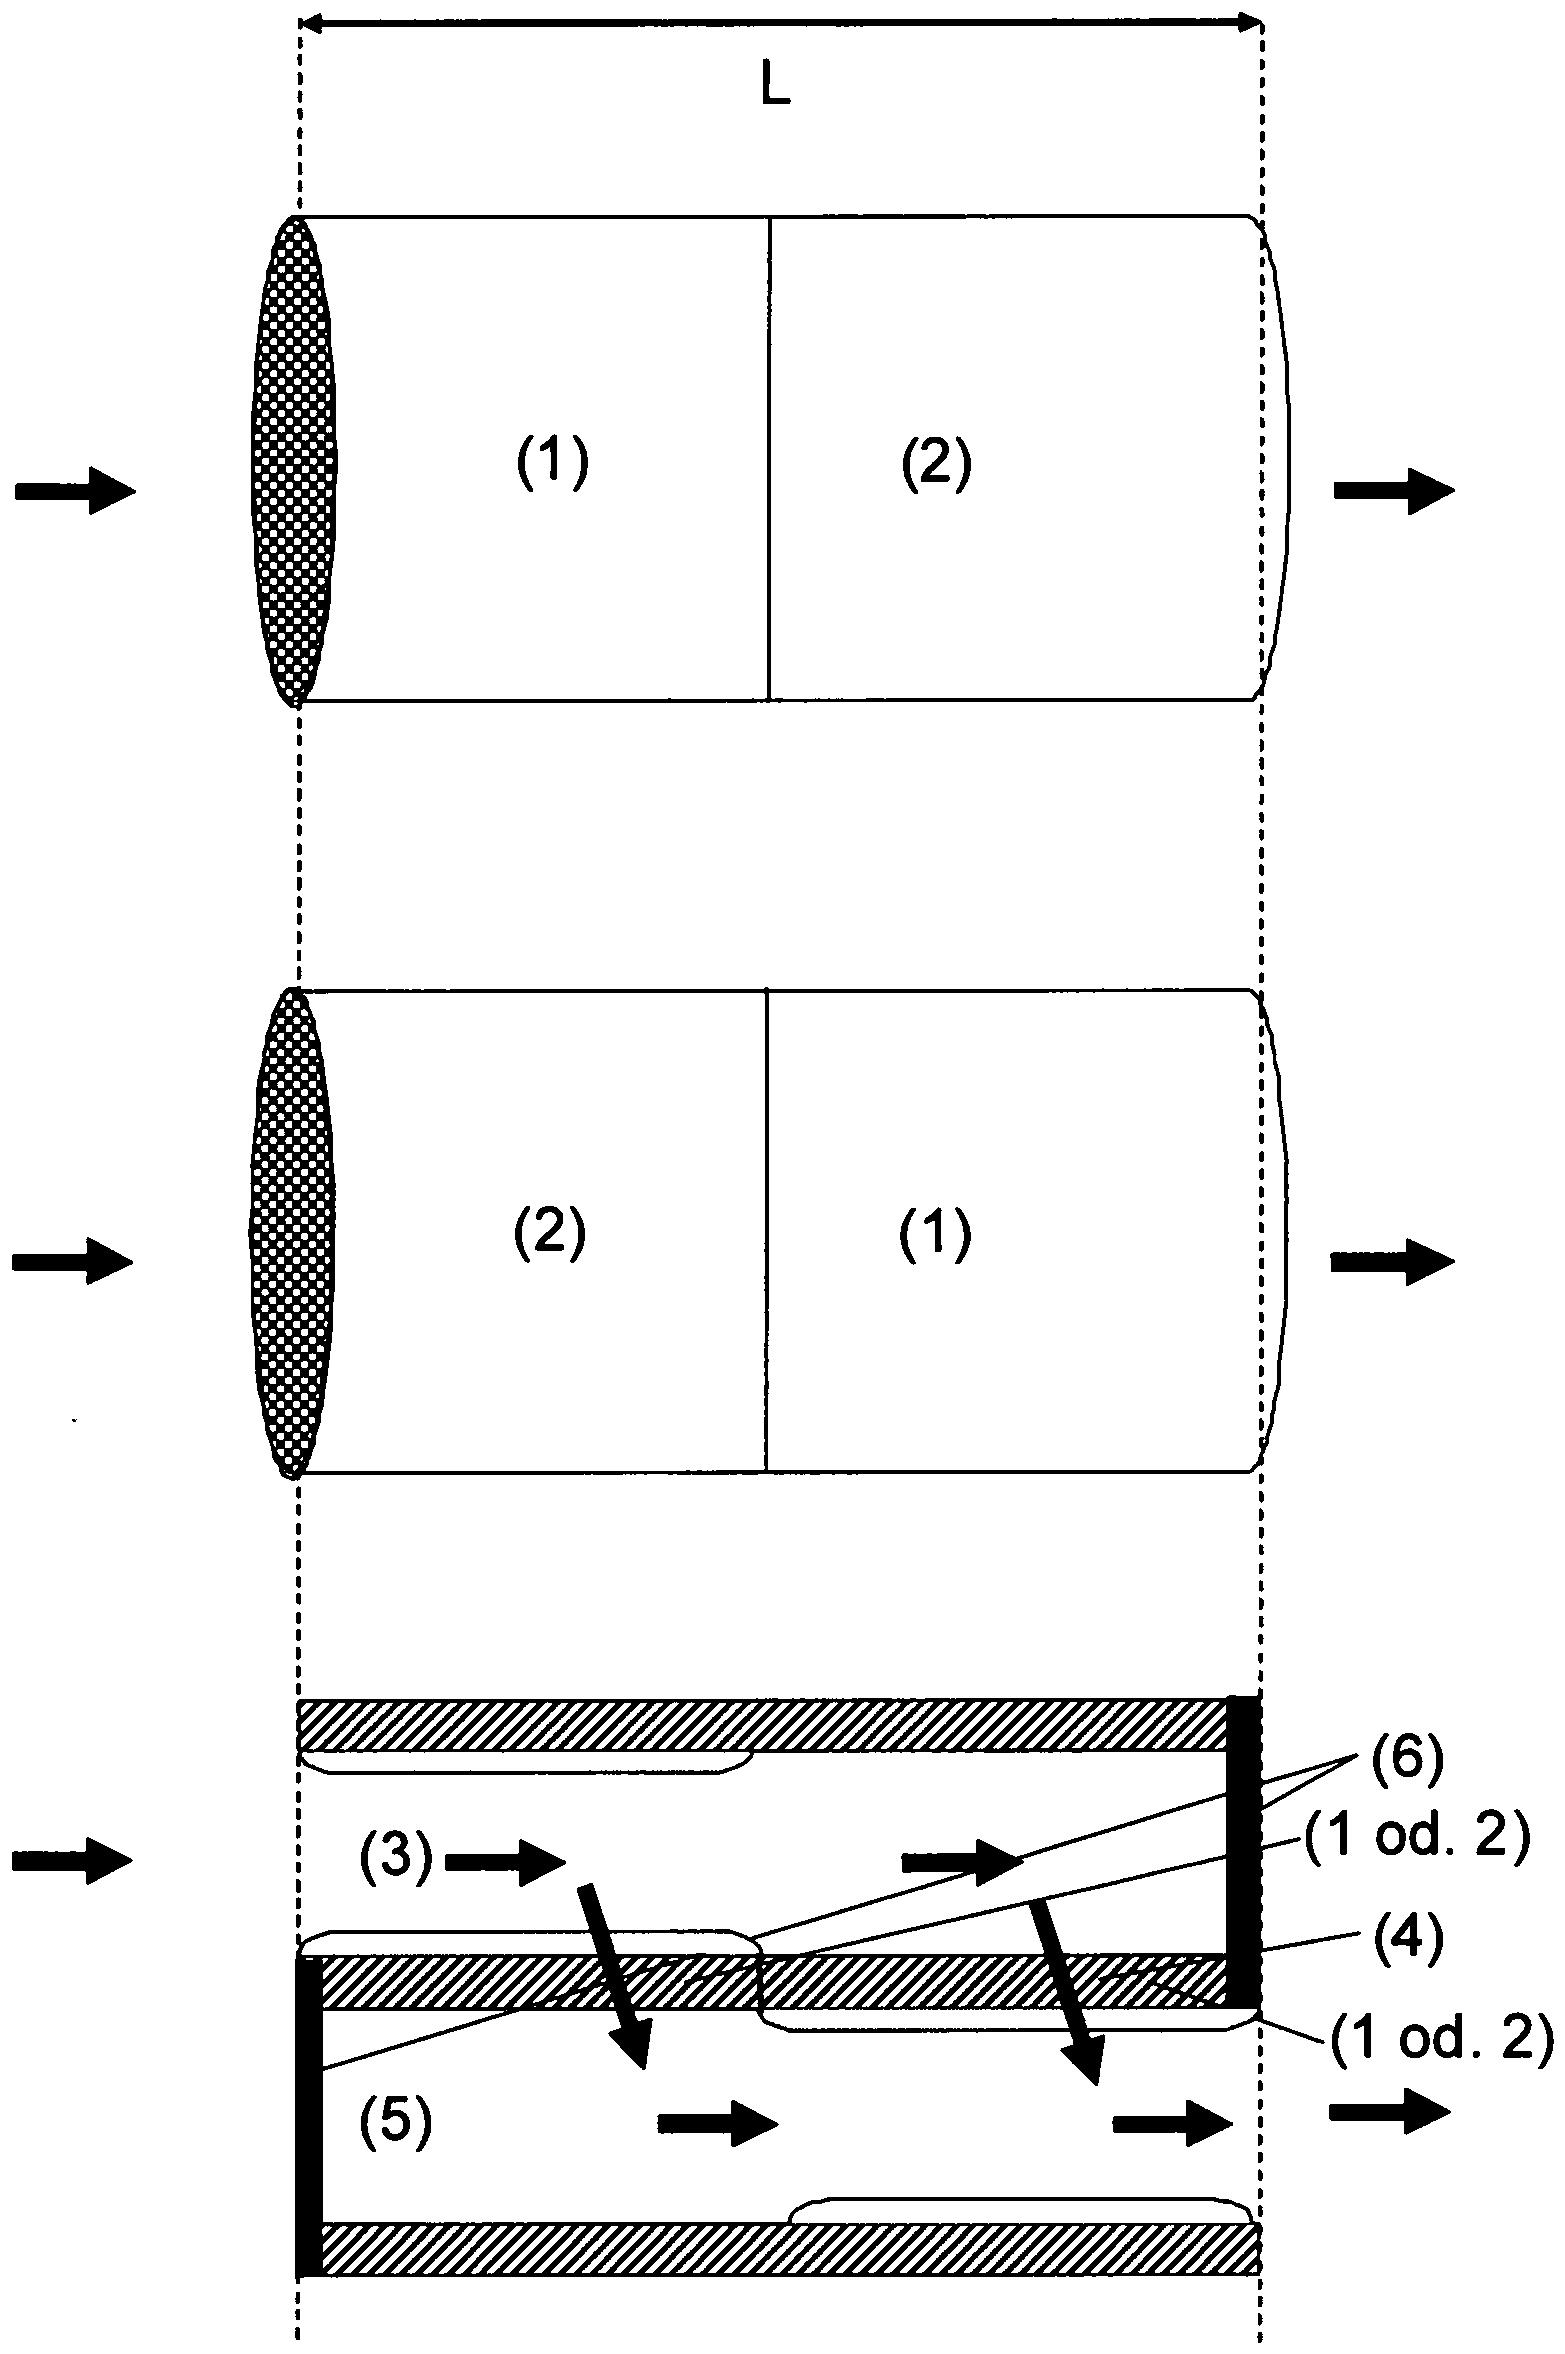 Figure DE102009033635B4_0000